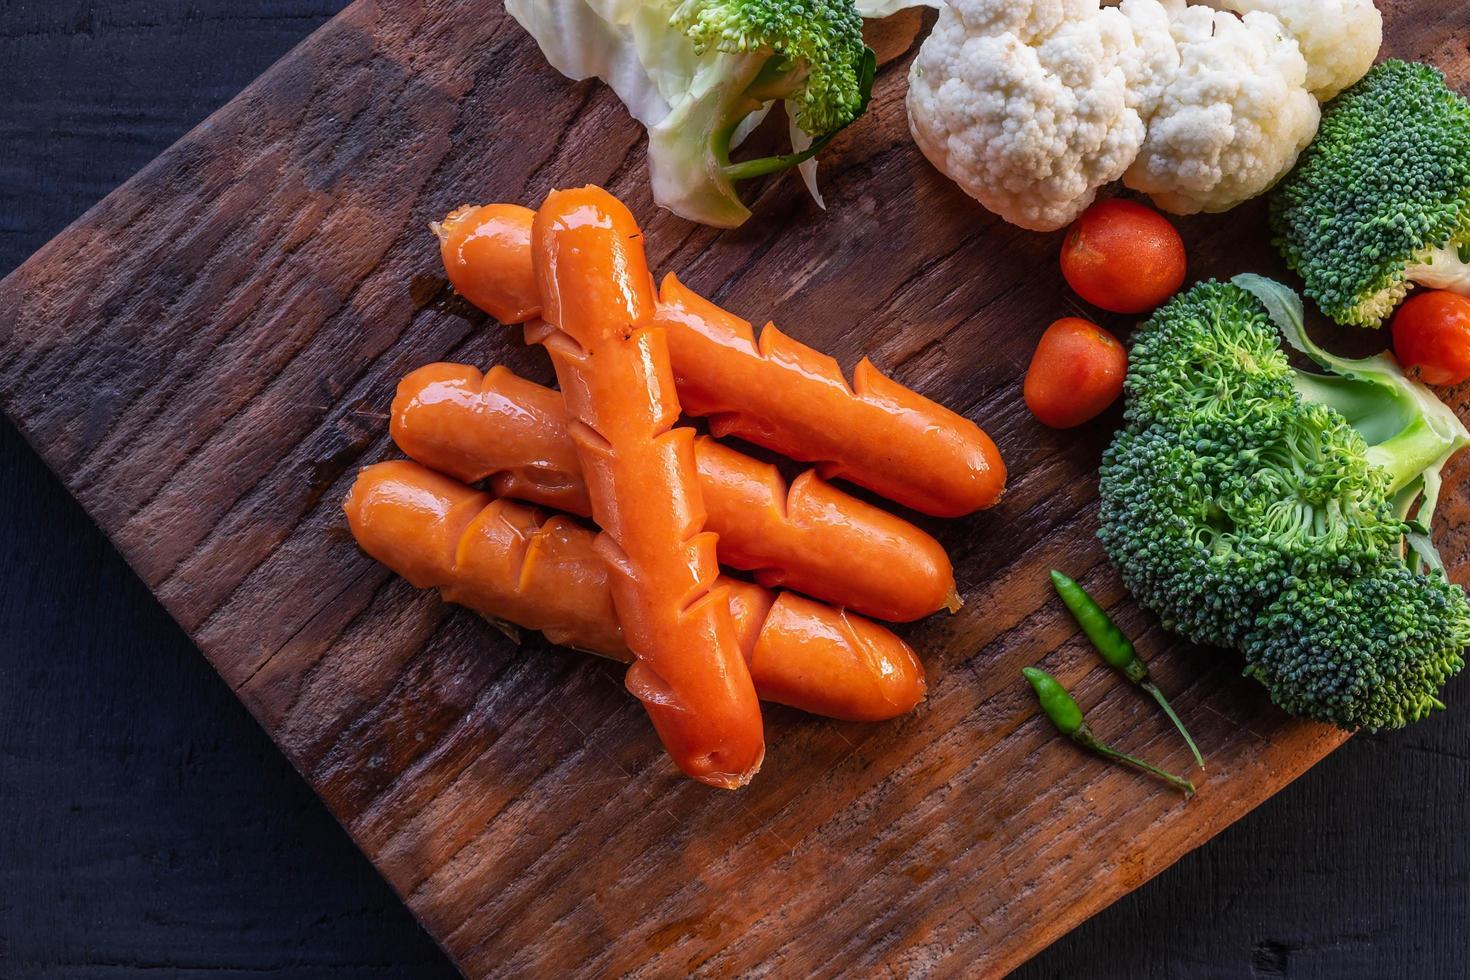 perros calientes y verduras foto